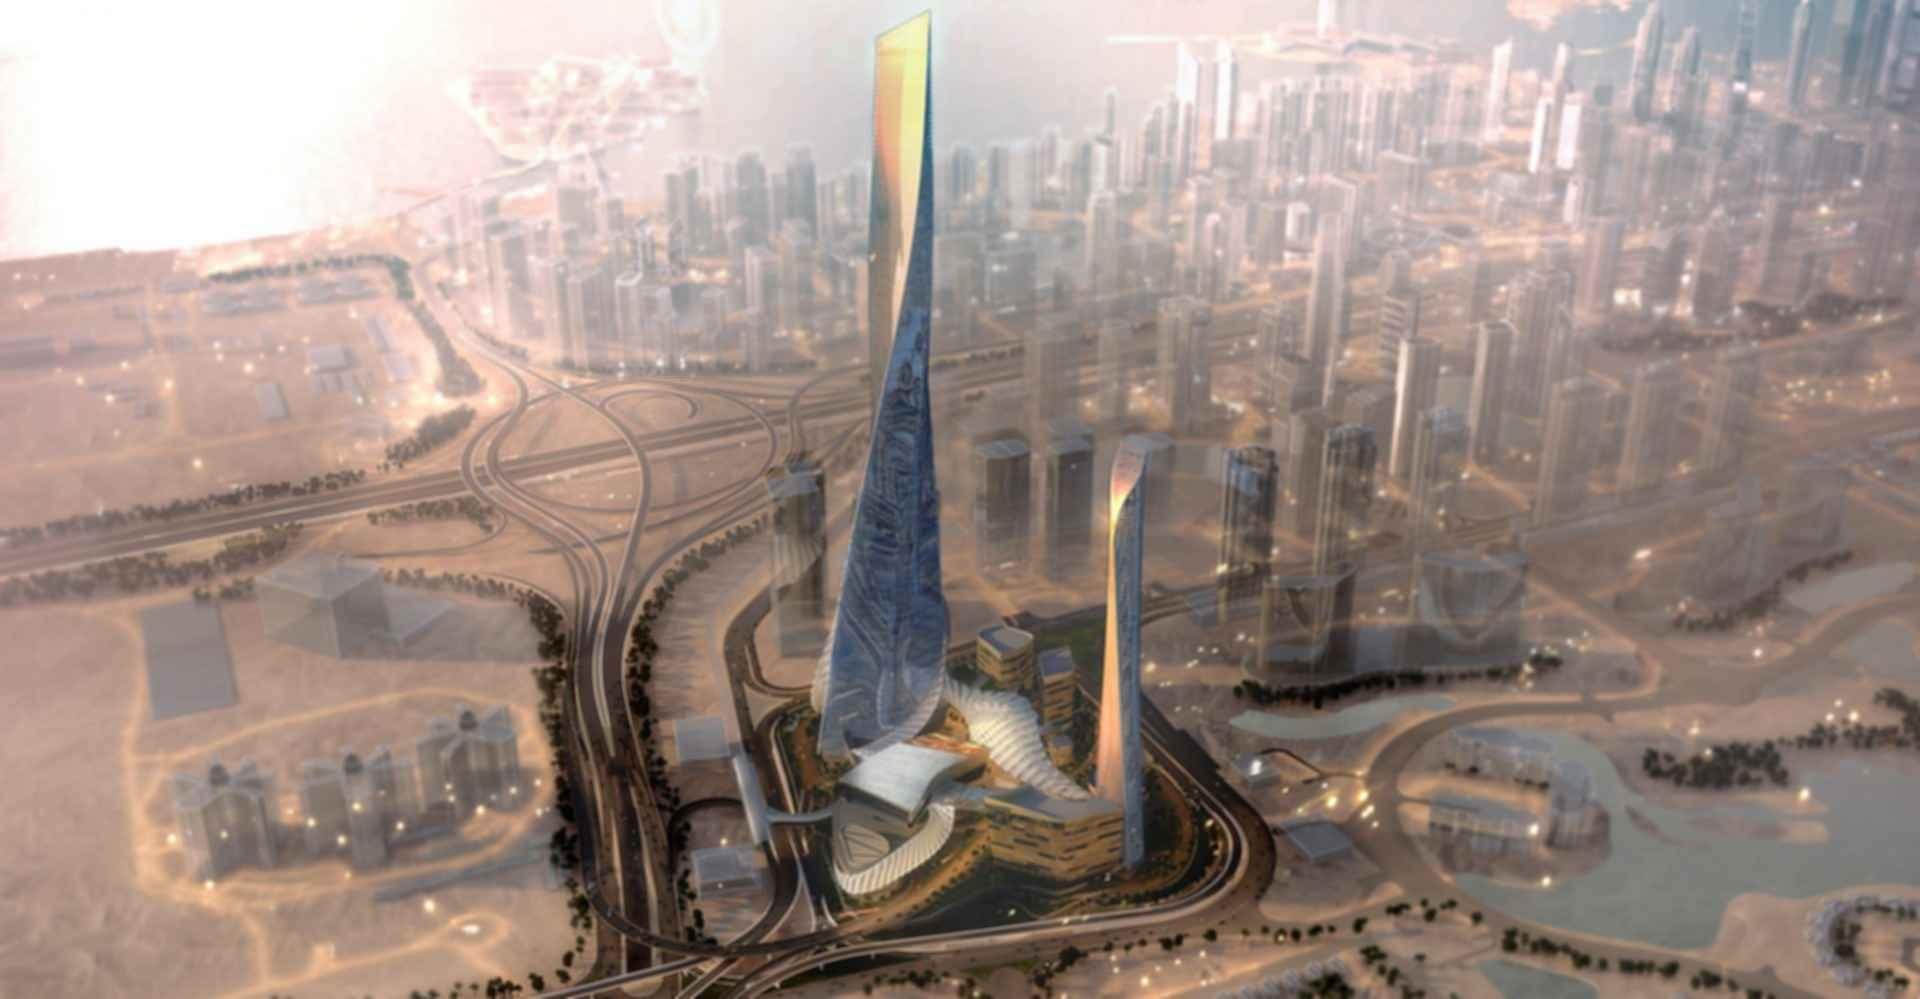 Dubai Square - Bird's Eye View Concept Design